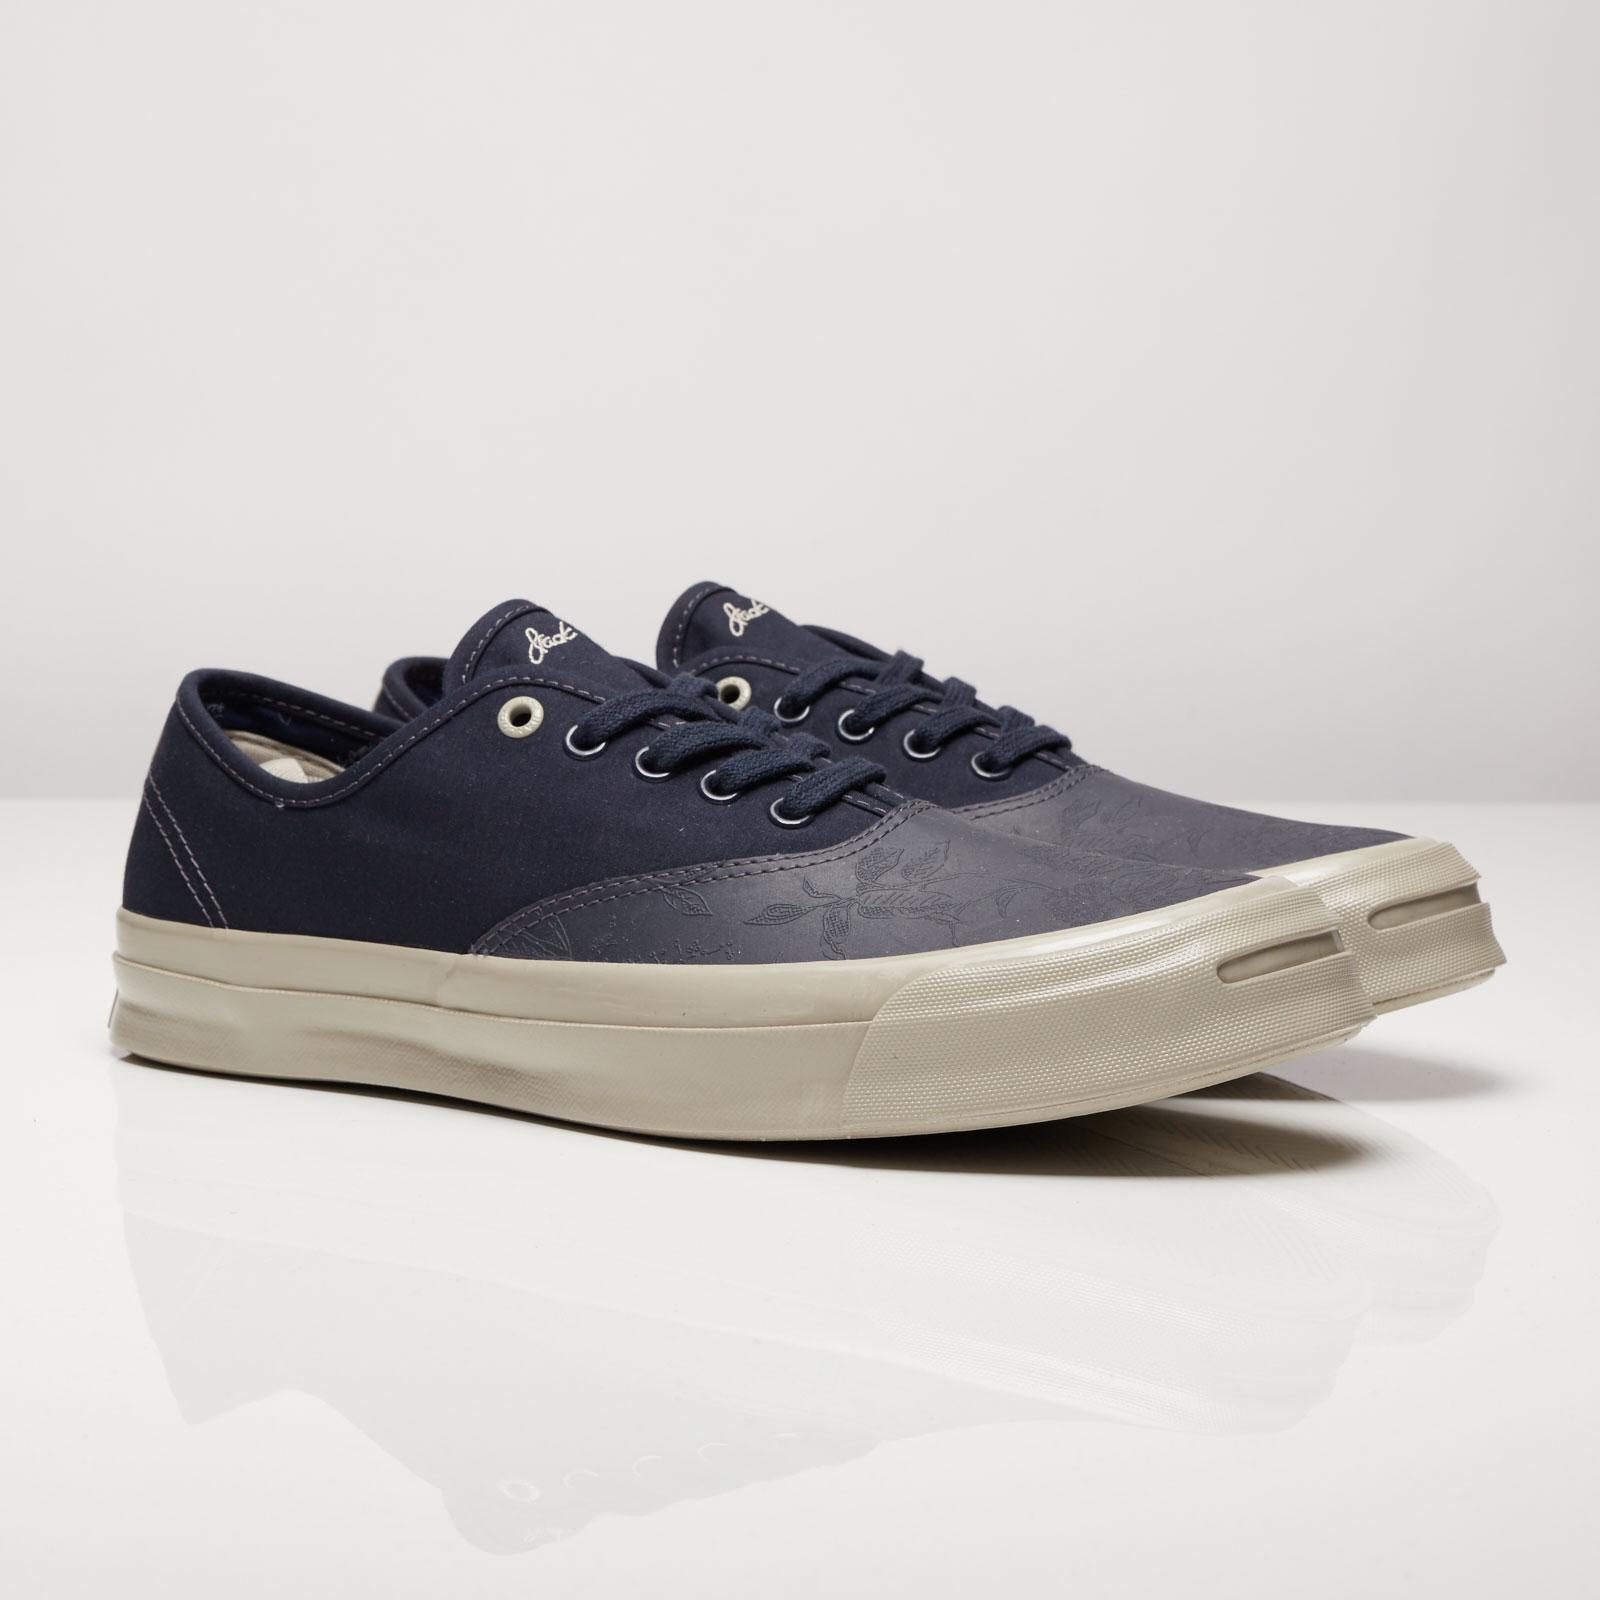 3f3f01e71e36 Converse Jack Purcell Signature CVO Ox - 153066c - Sneakersnstuff ...